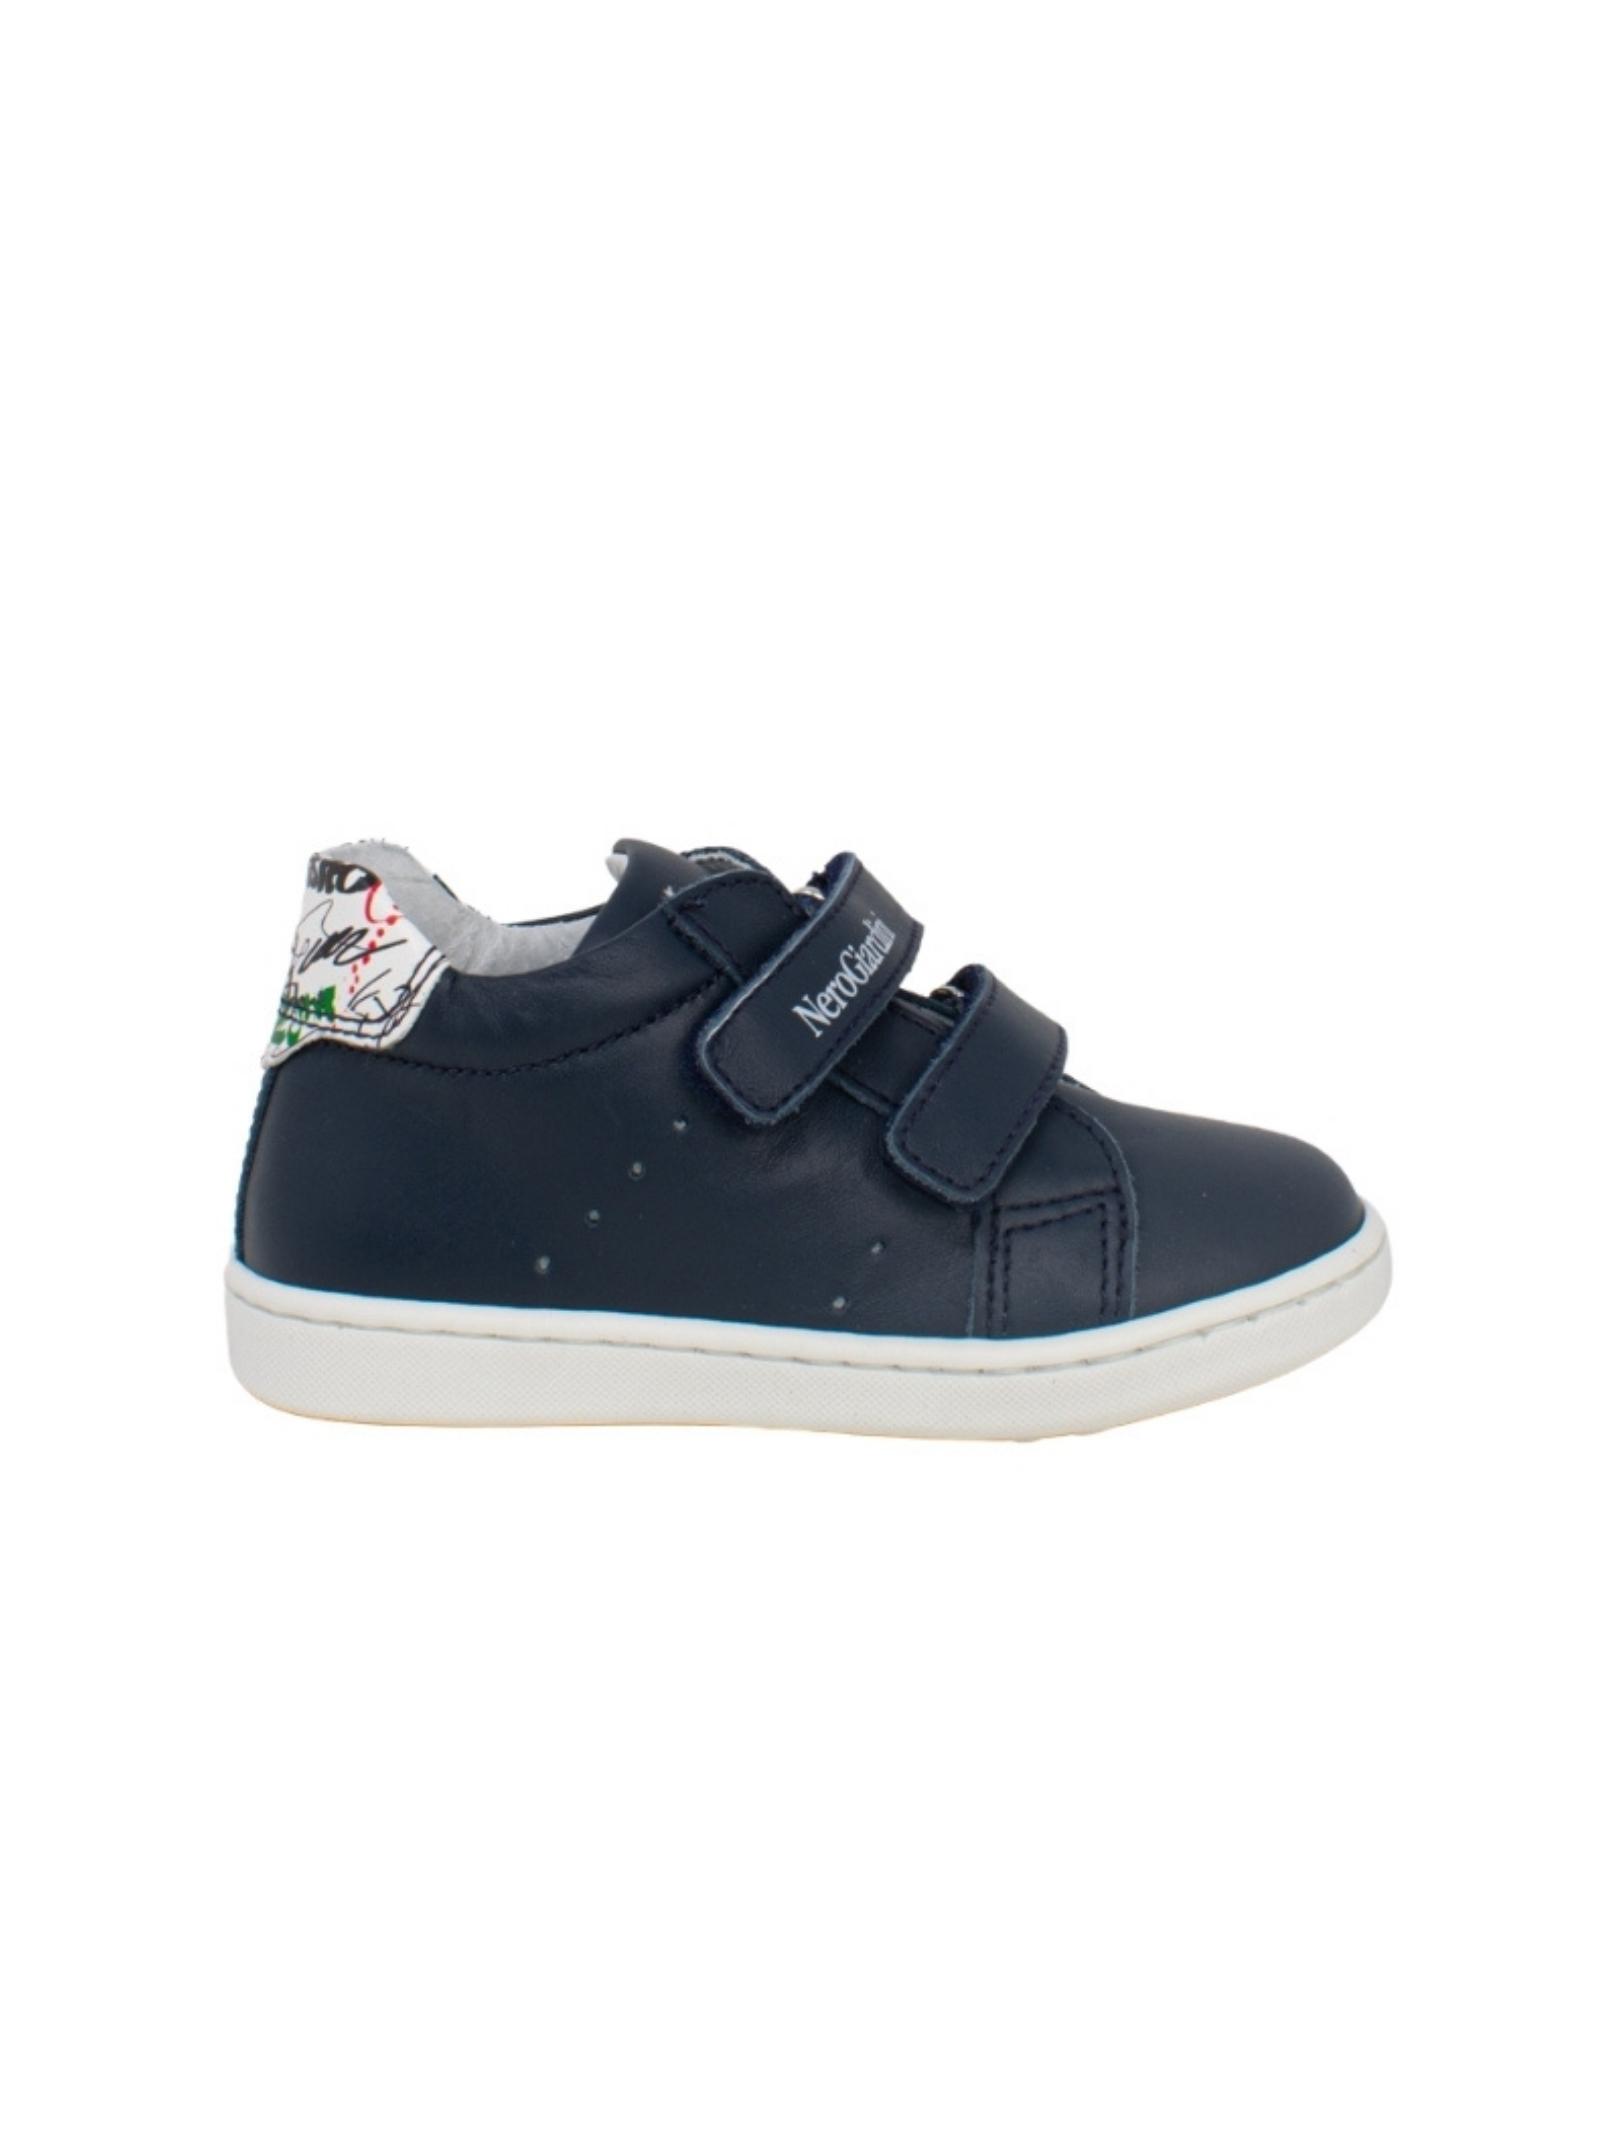 Sneakers Bambino Graffiti Incanto NERO GIARDINI JUNIOR | Sneakers | E119151M207